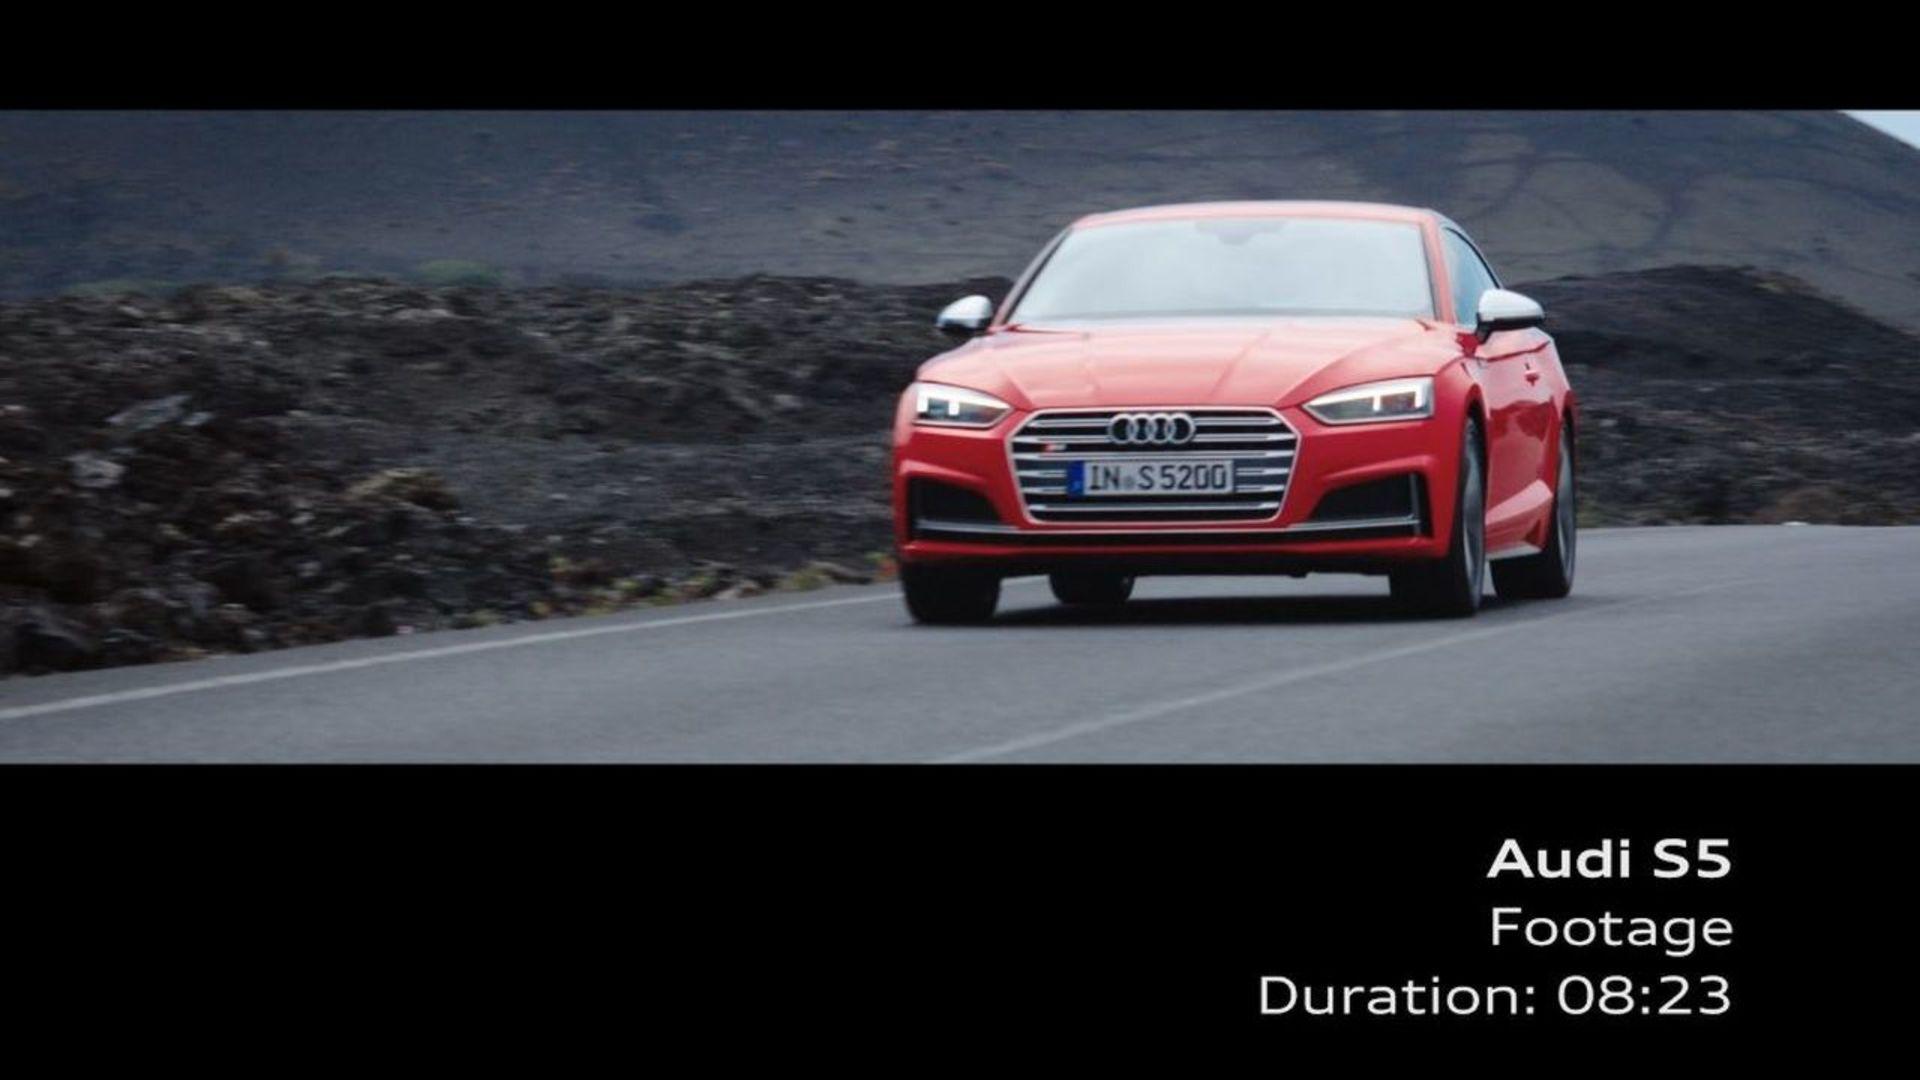 Audi S5 Coupé – Footage